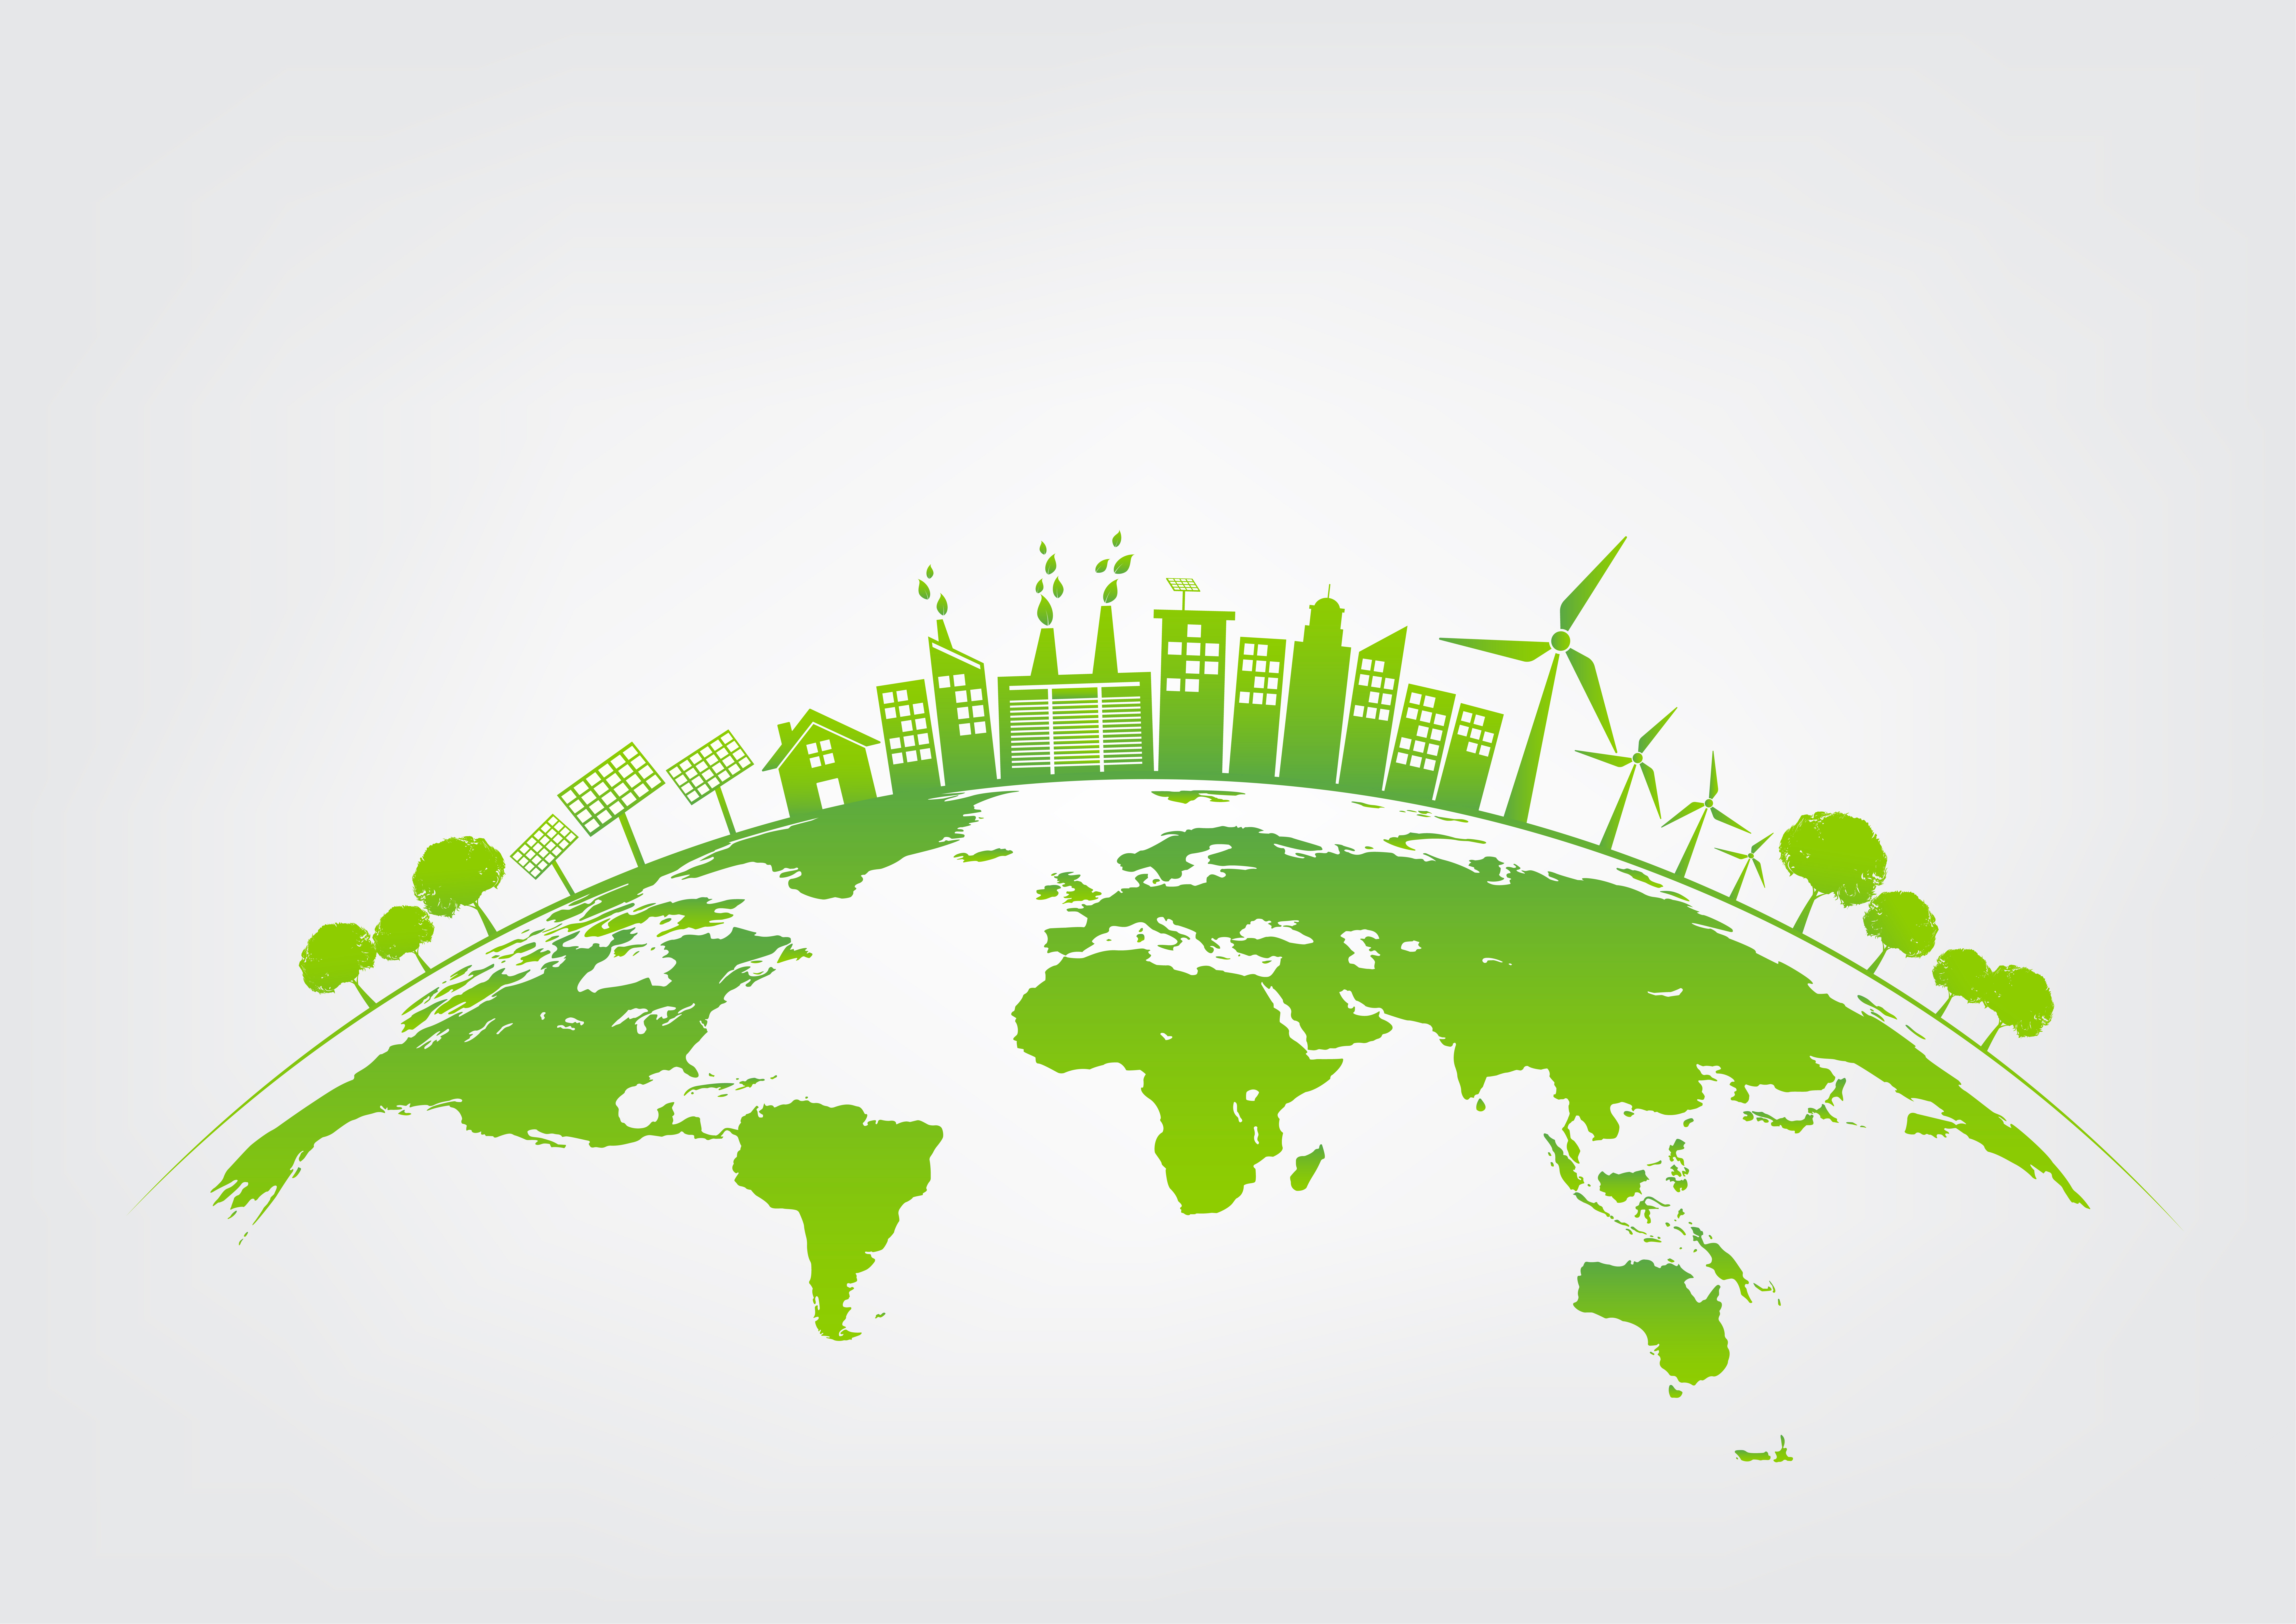 Экология картинки в векторе